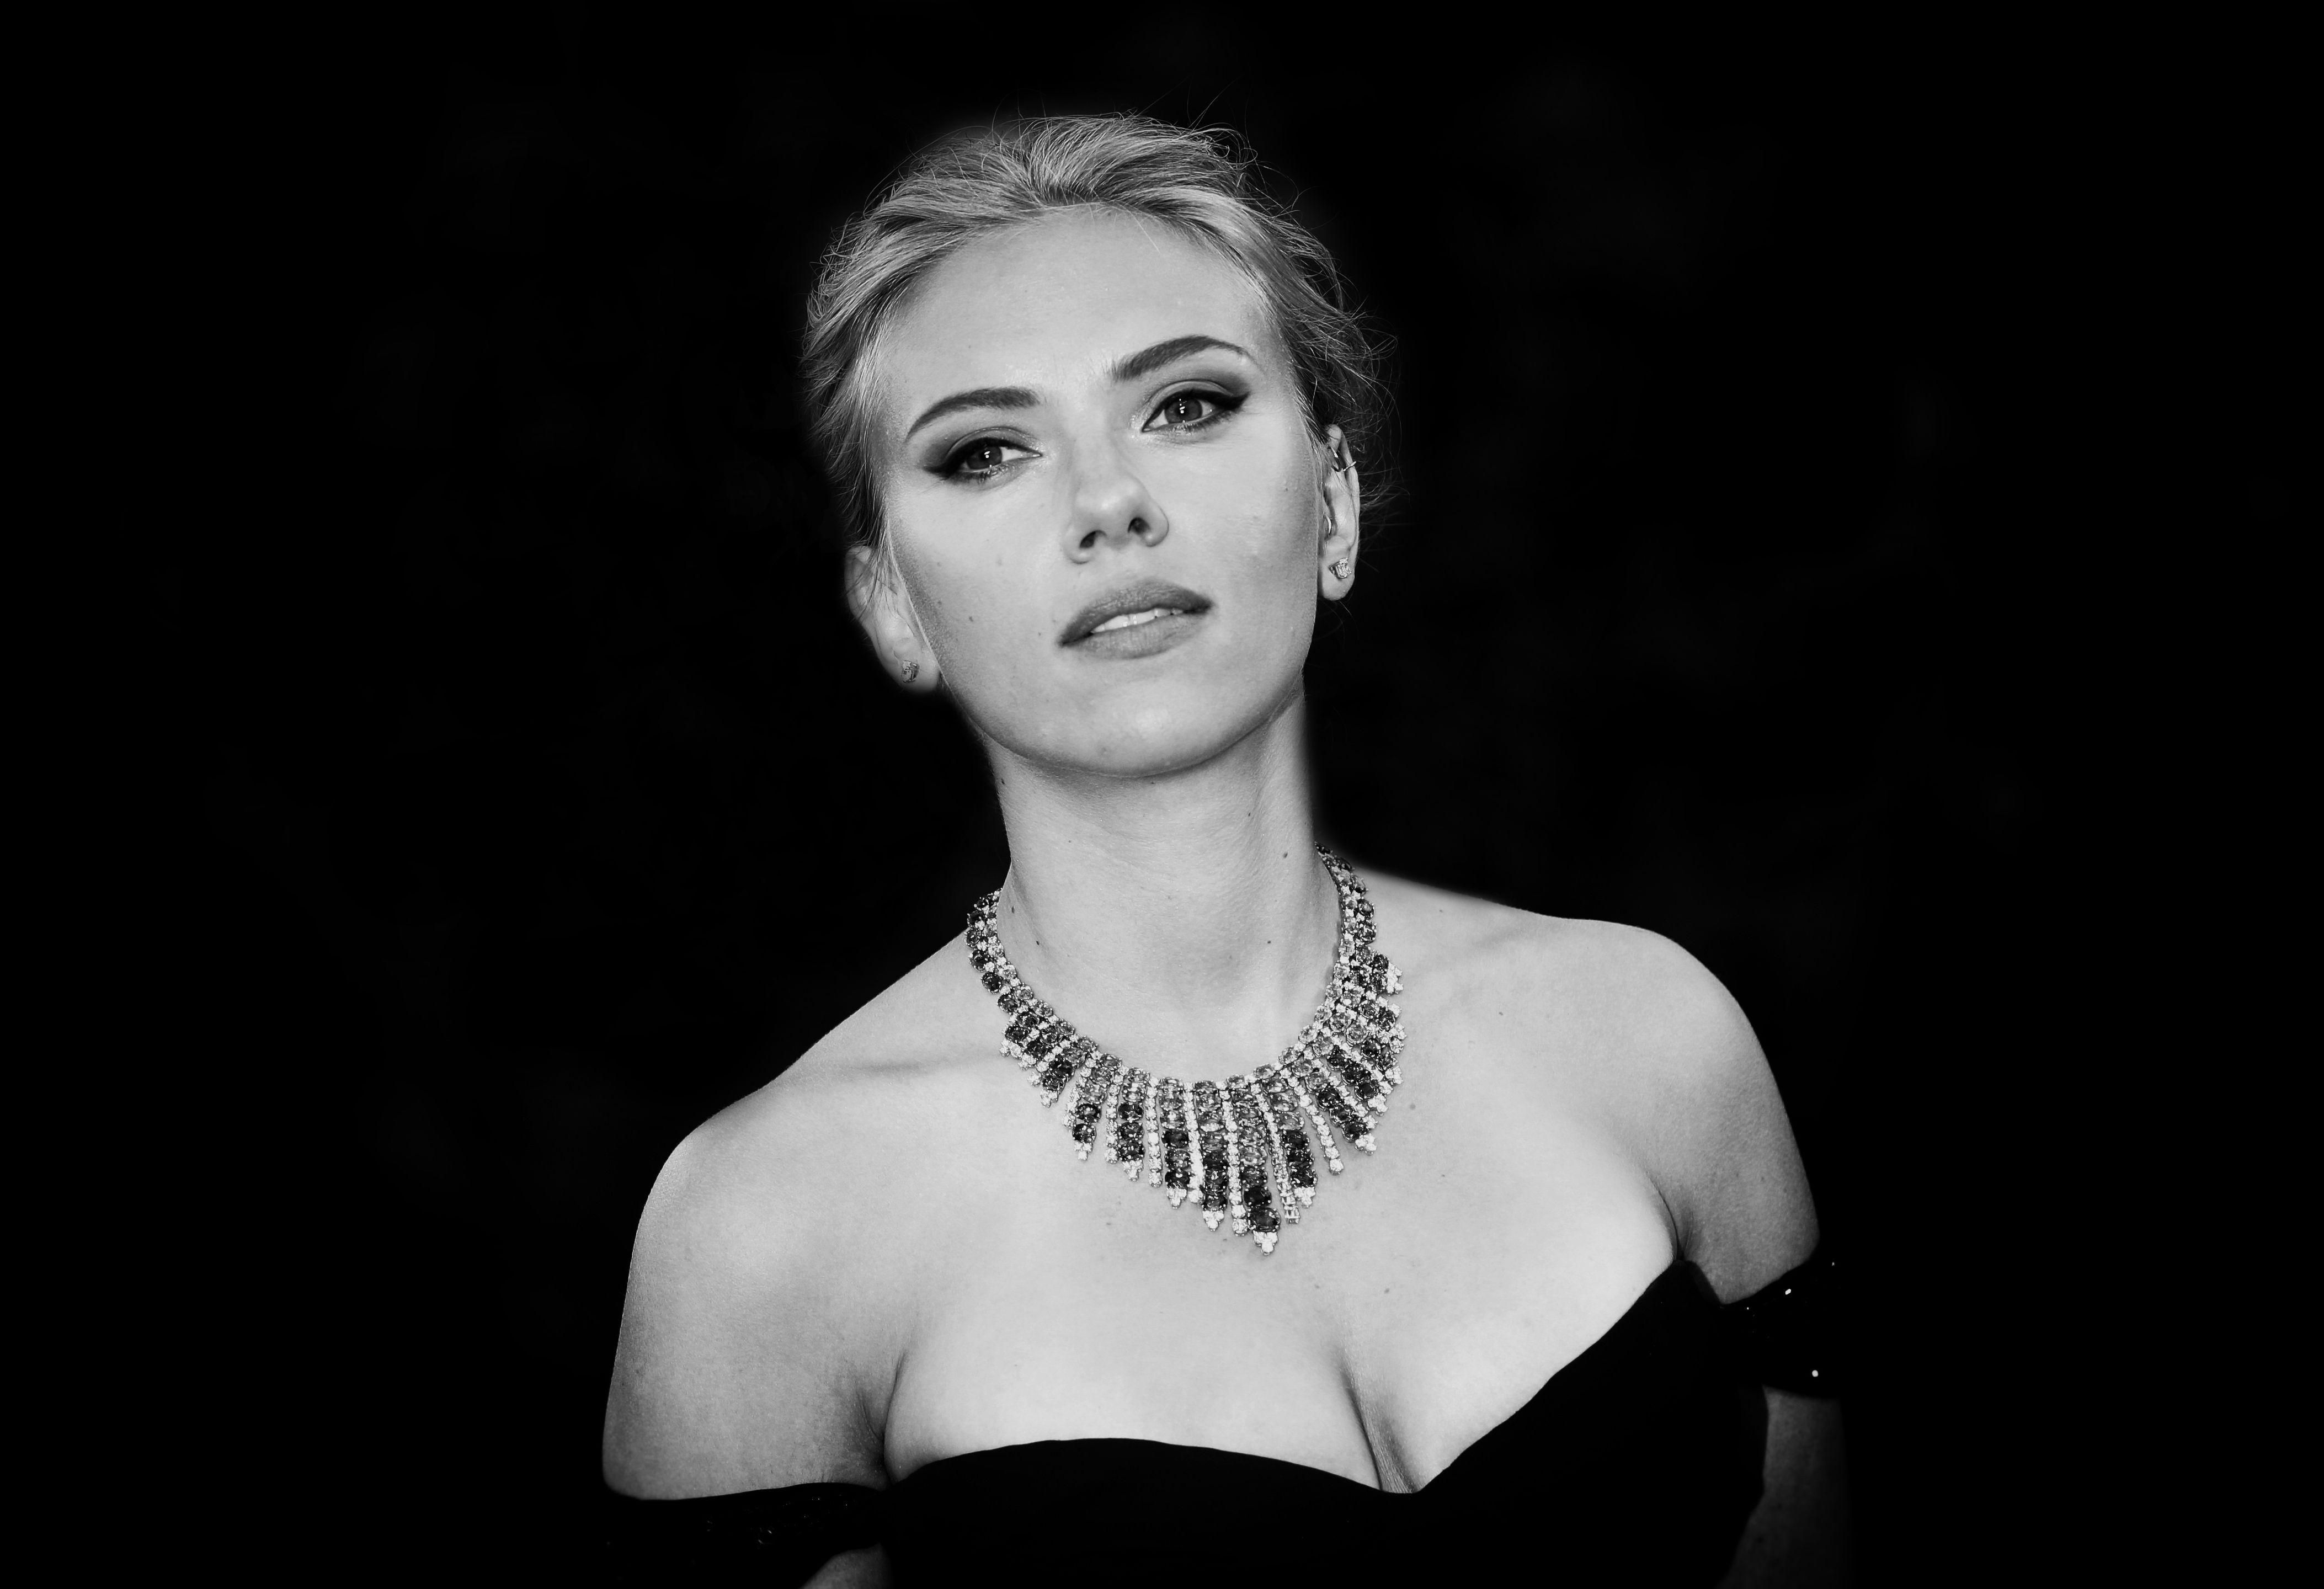 Portrait de Scarlett Johansson – The Girl Next Door